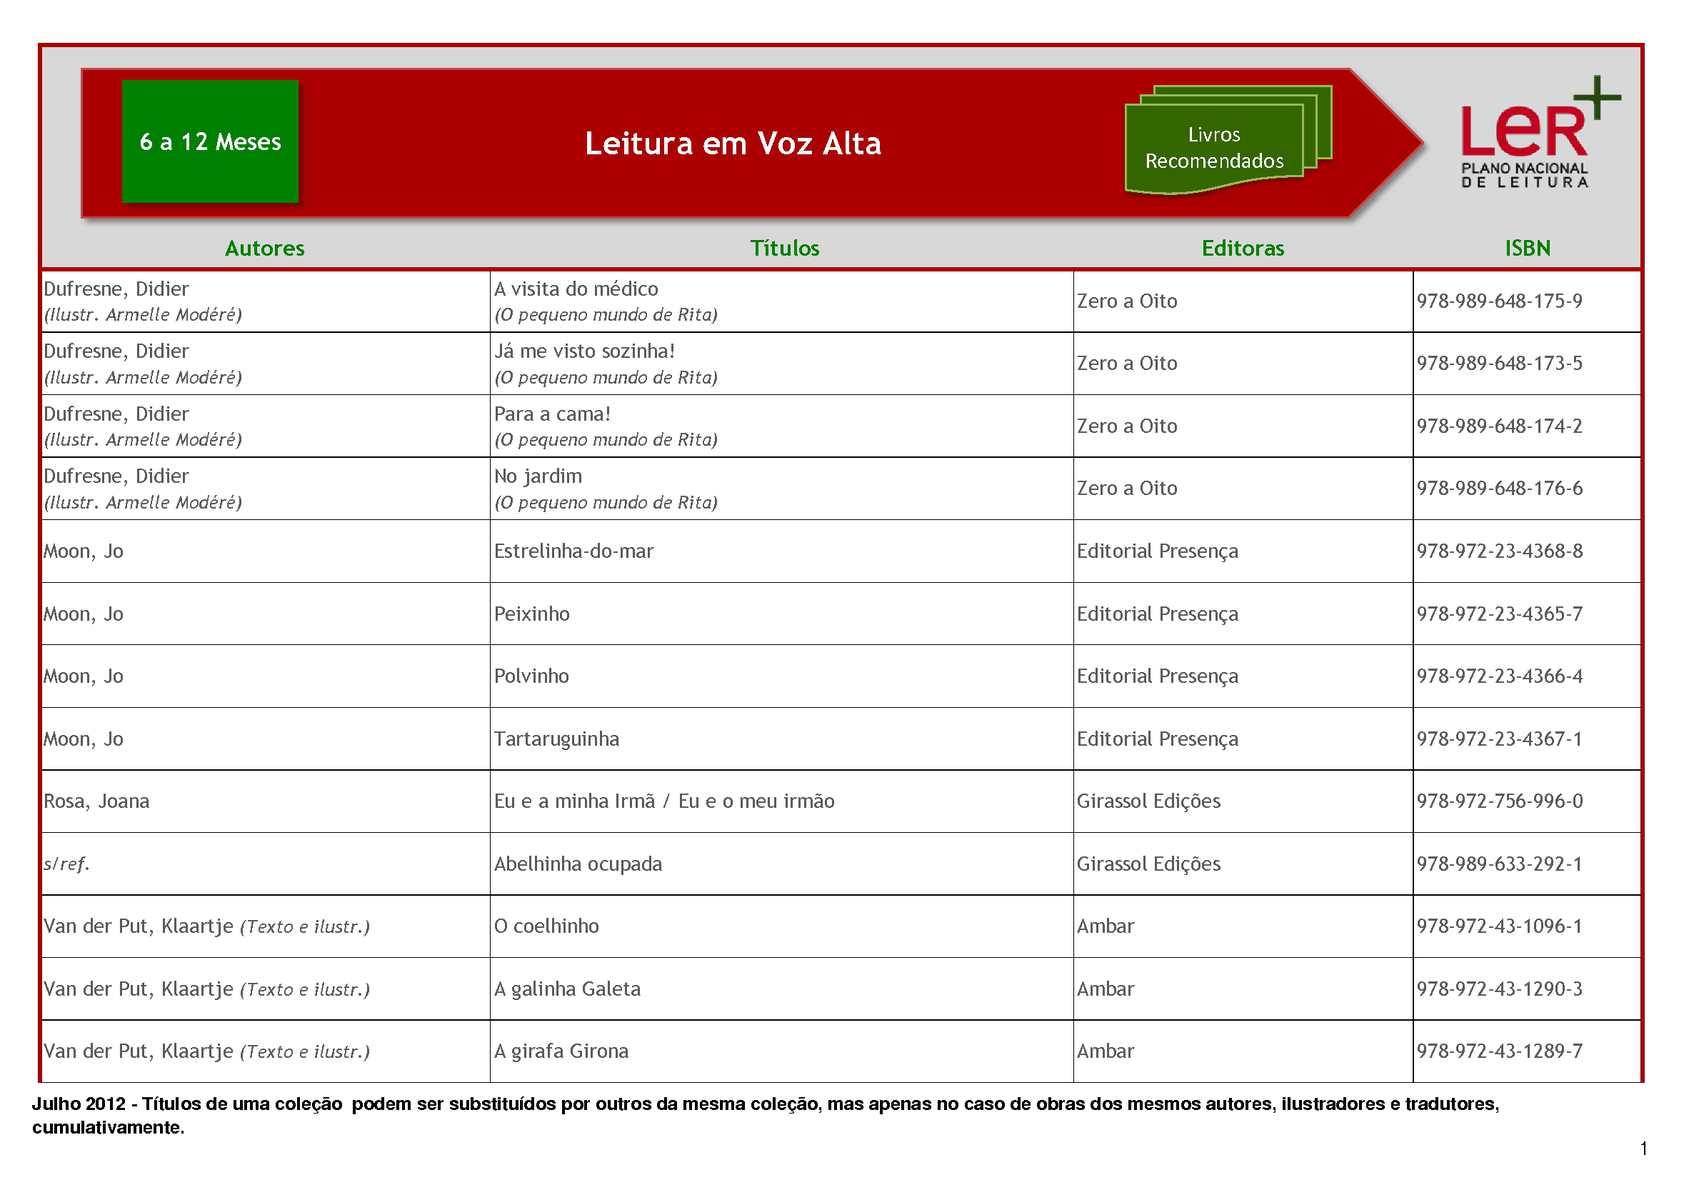 bb740f8b6515e Calaméo - Livros recomendados pelo PNL